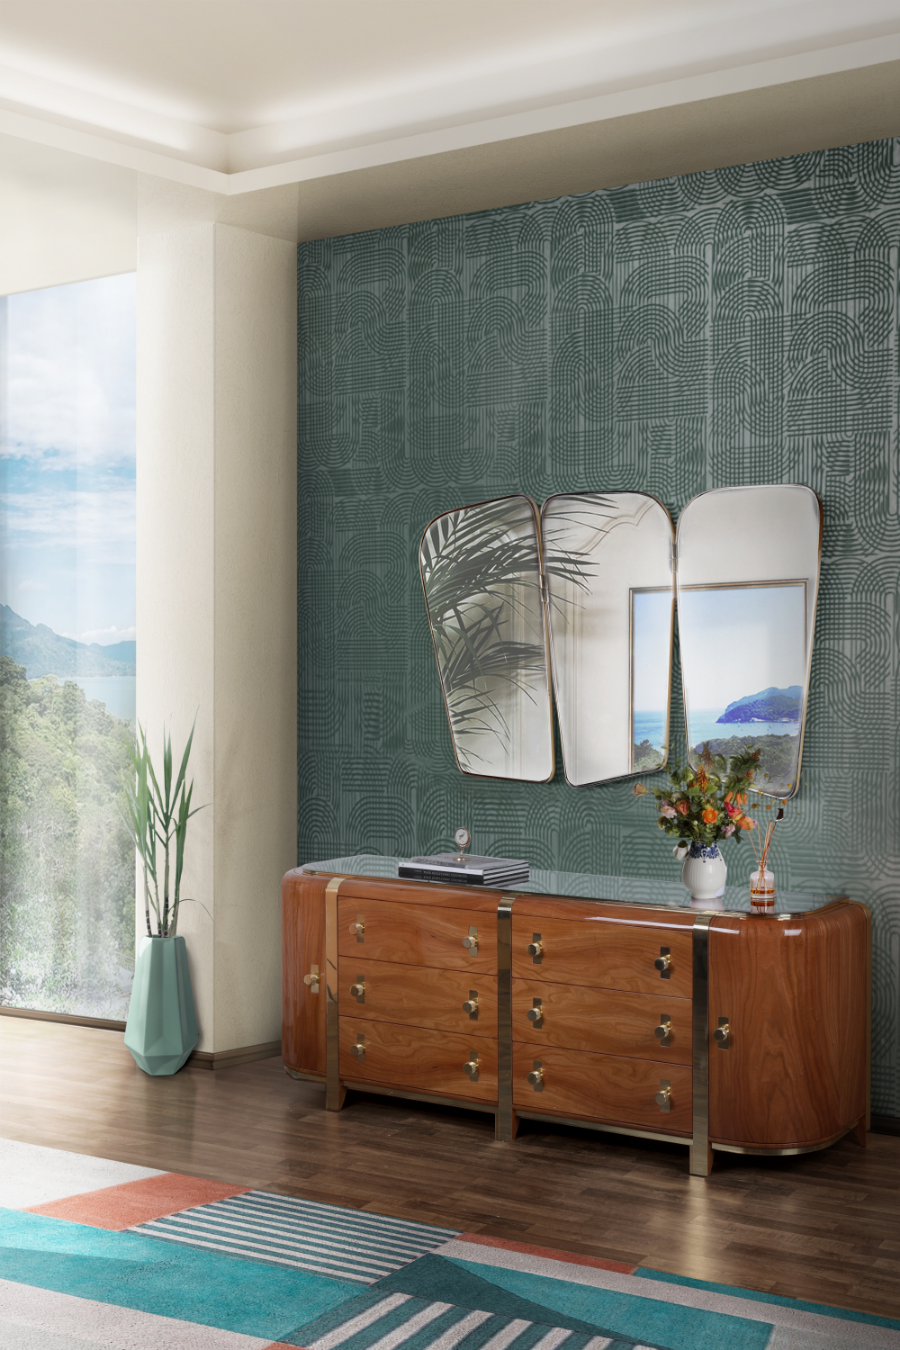 home decor Tips to Maximize Your Home Decor canva photo editor 20